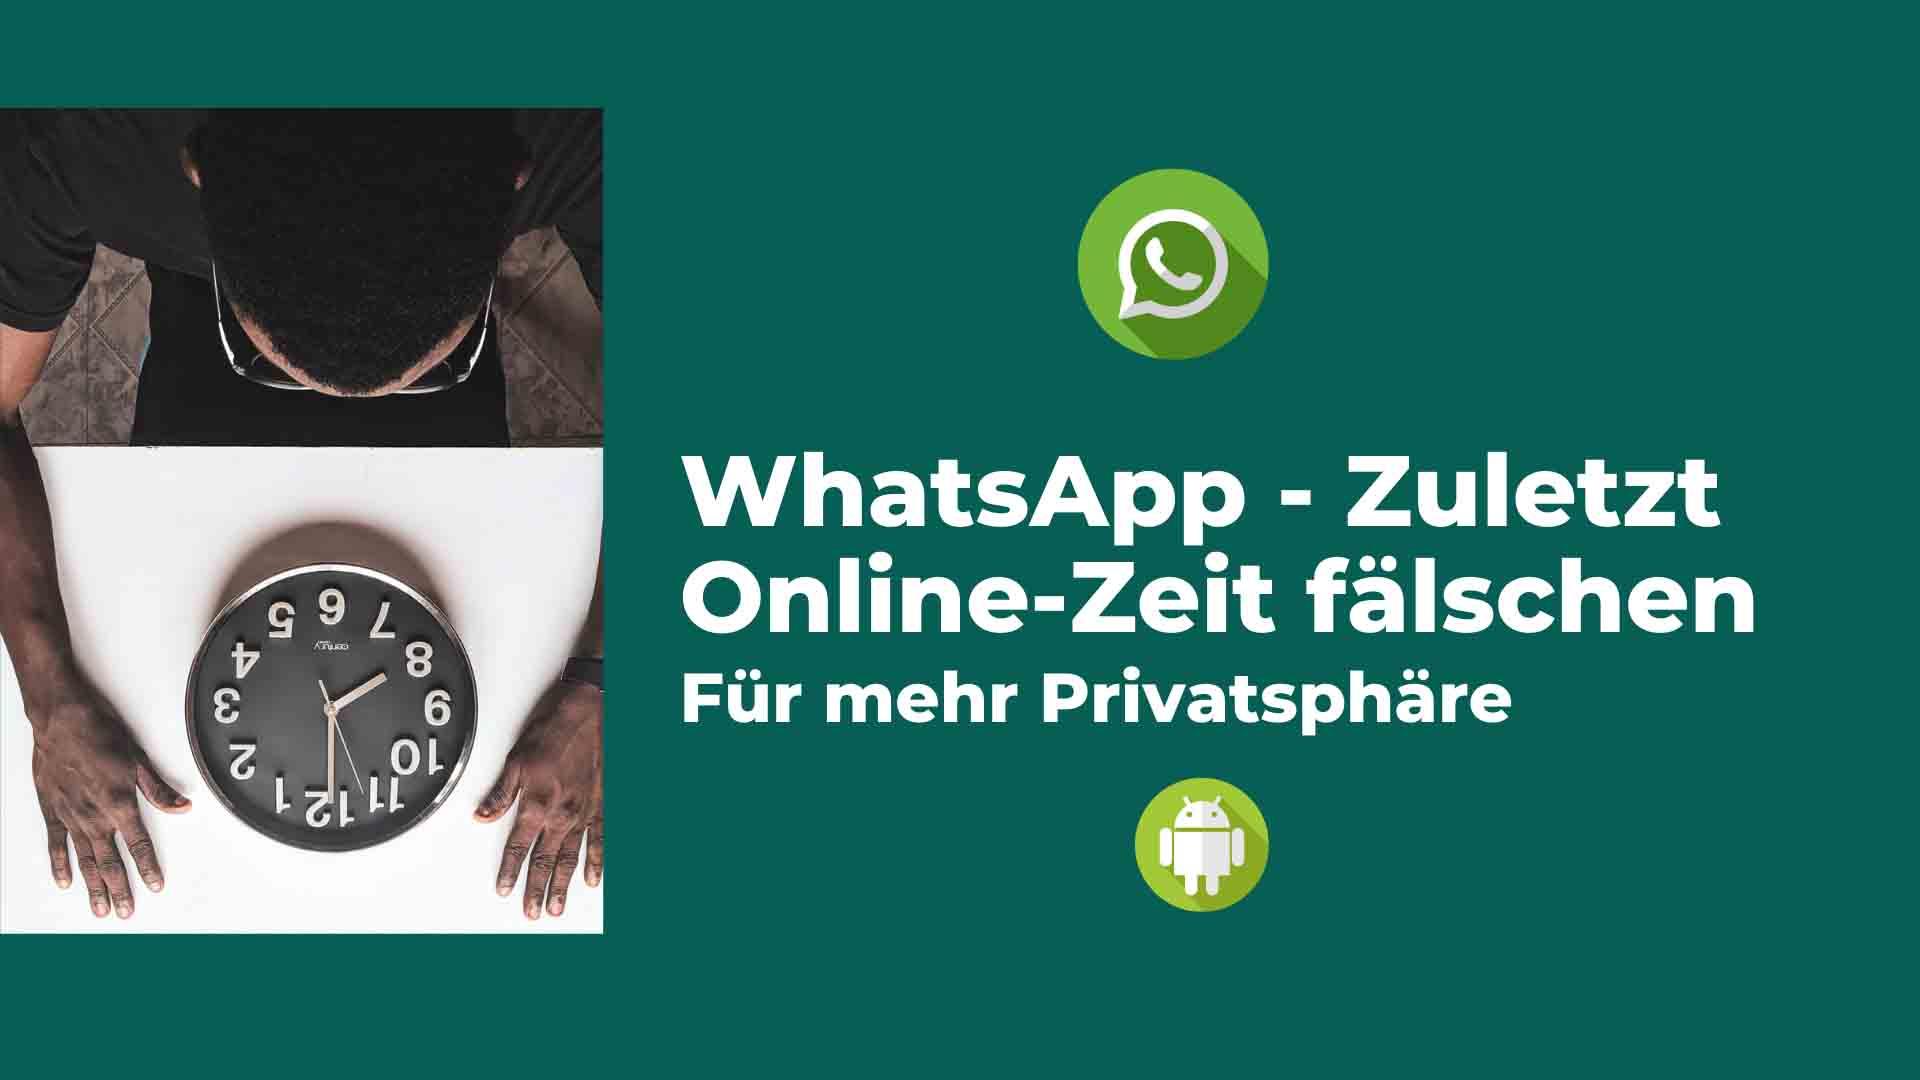 WhatsApp Zuletzt-Online Verändern Oder Fälschen | The